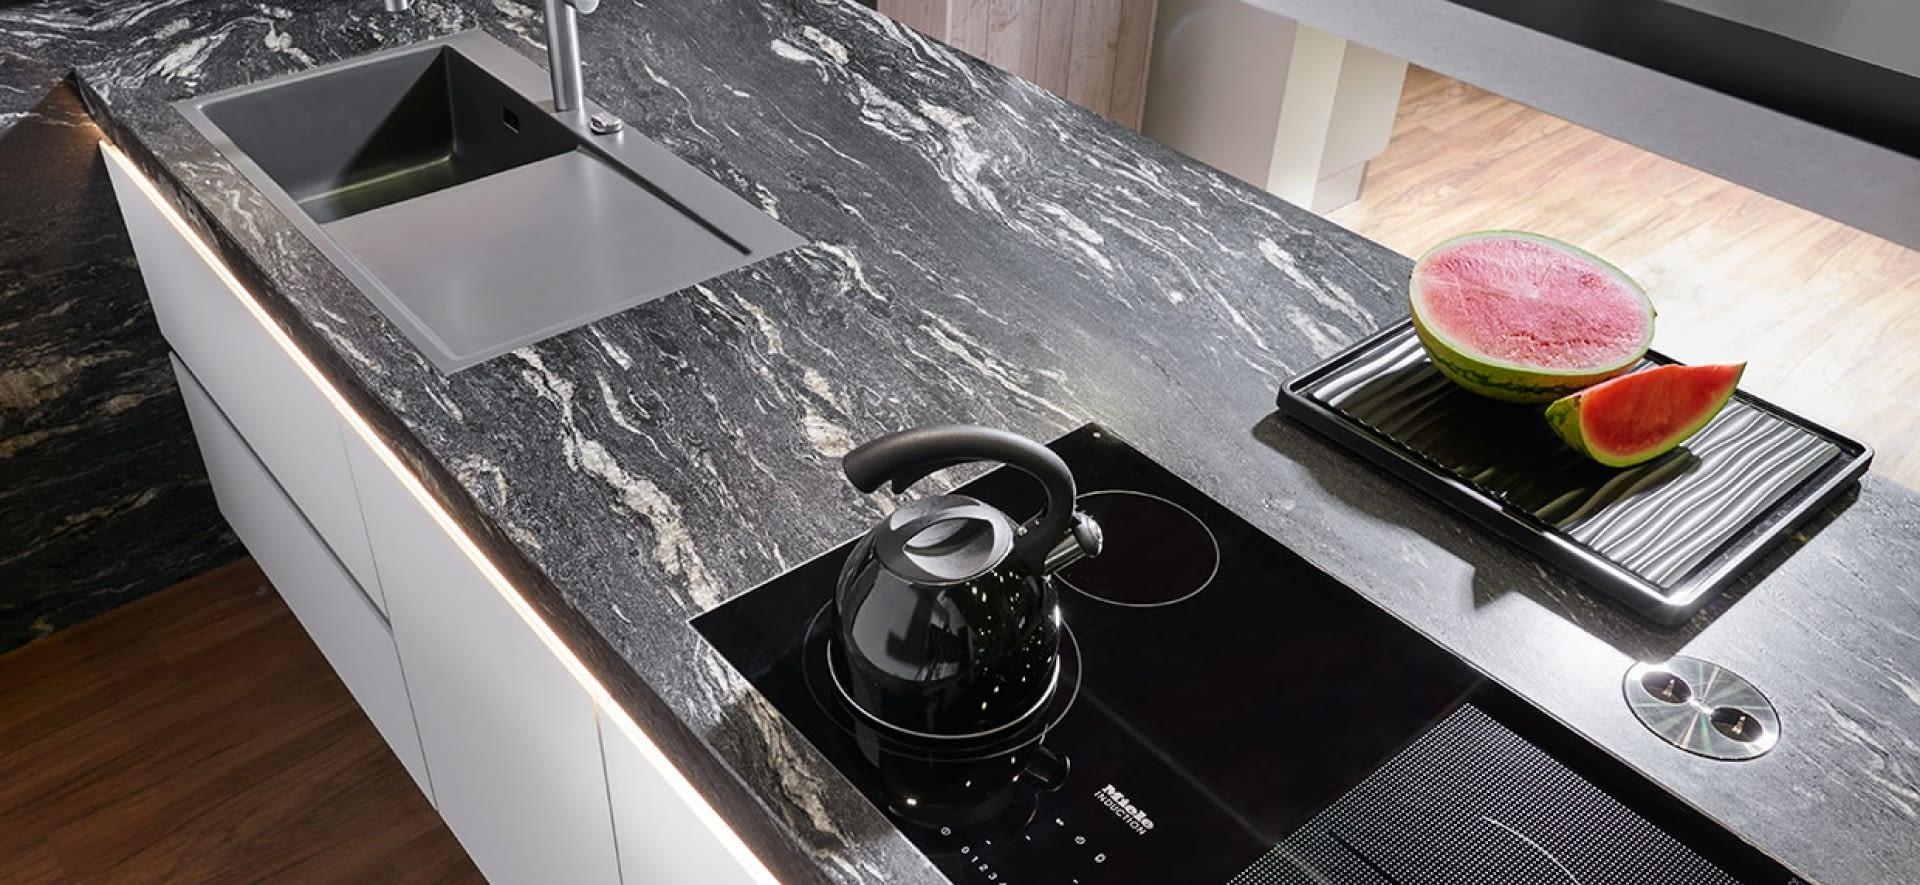 Sehr Granitpflege: Worauf Sie achten müssen - Marquardt Küchen EX66